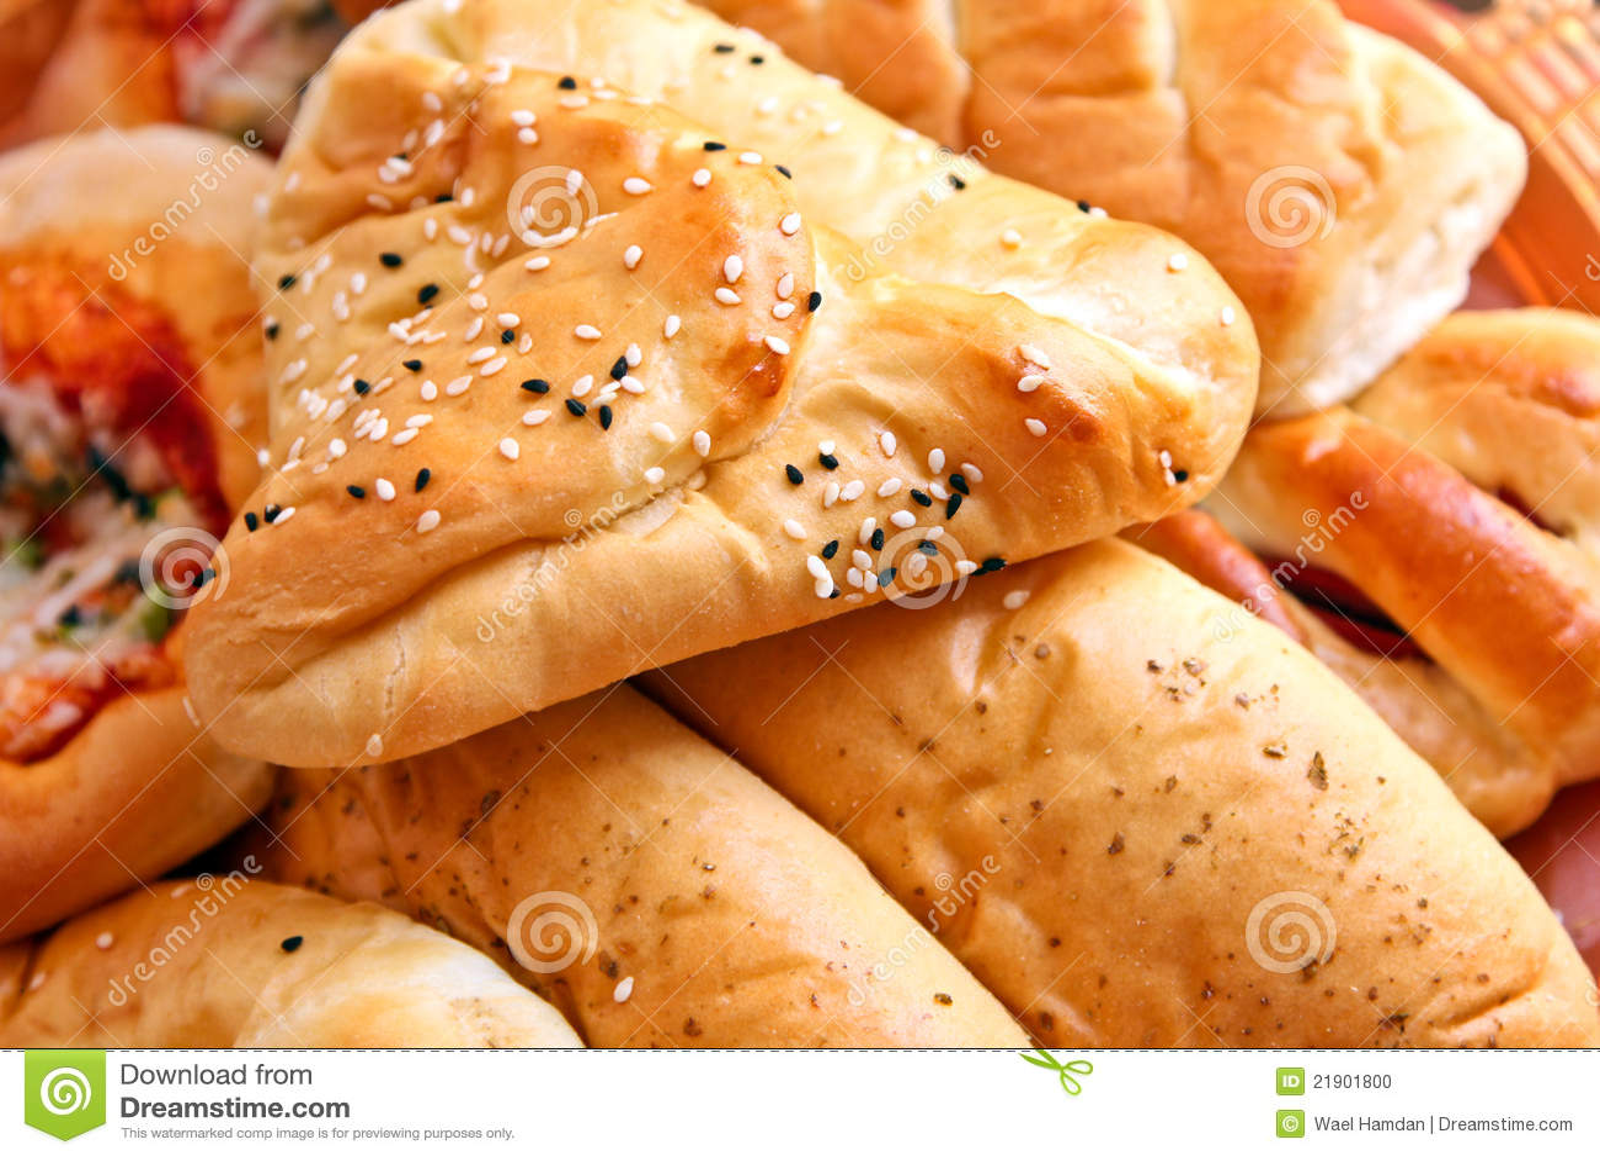 Arabische bakkerij stock foto's– 276 arabische bakkerij stock ...